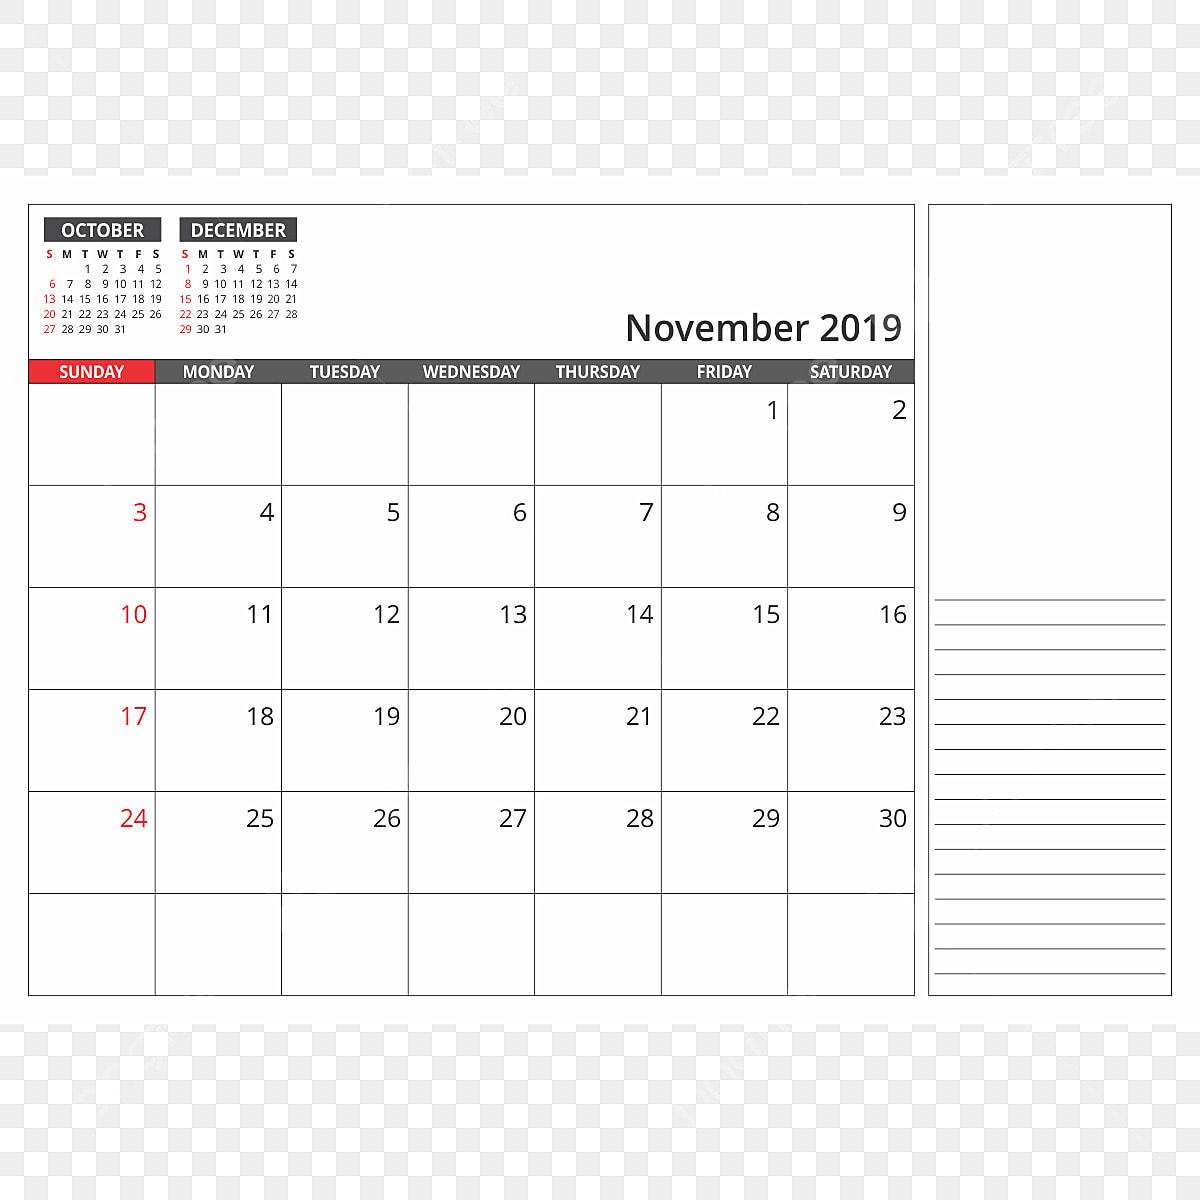 Calendario Noviembre 2019.Calendario De Escritorio De Noviembre De 2019 2019 Calendario Png